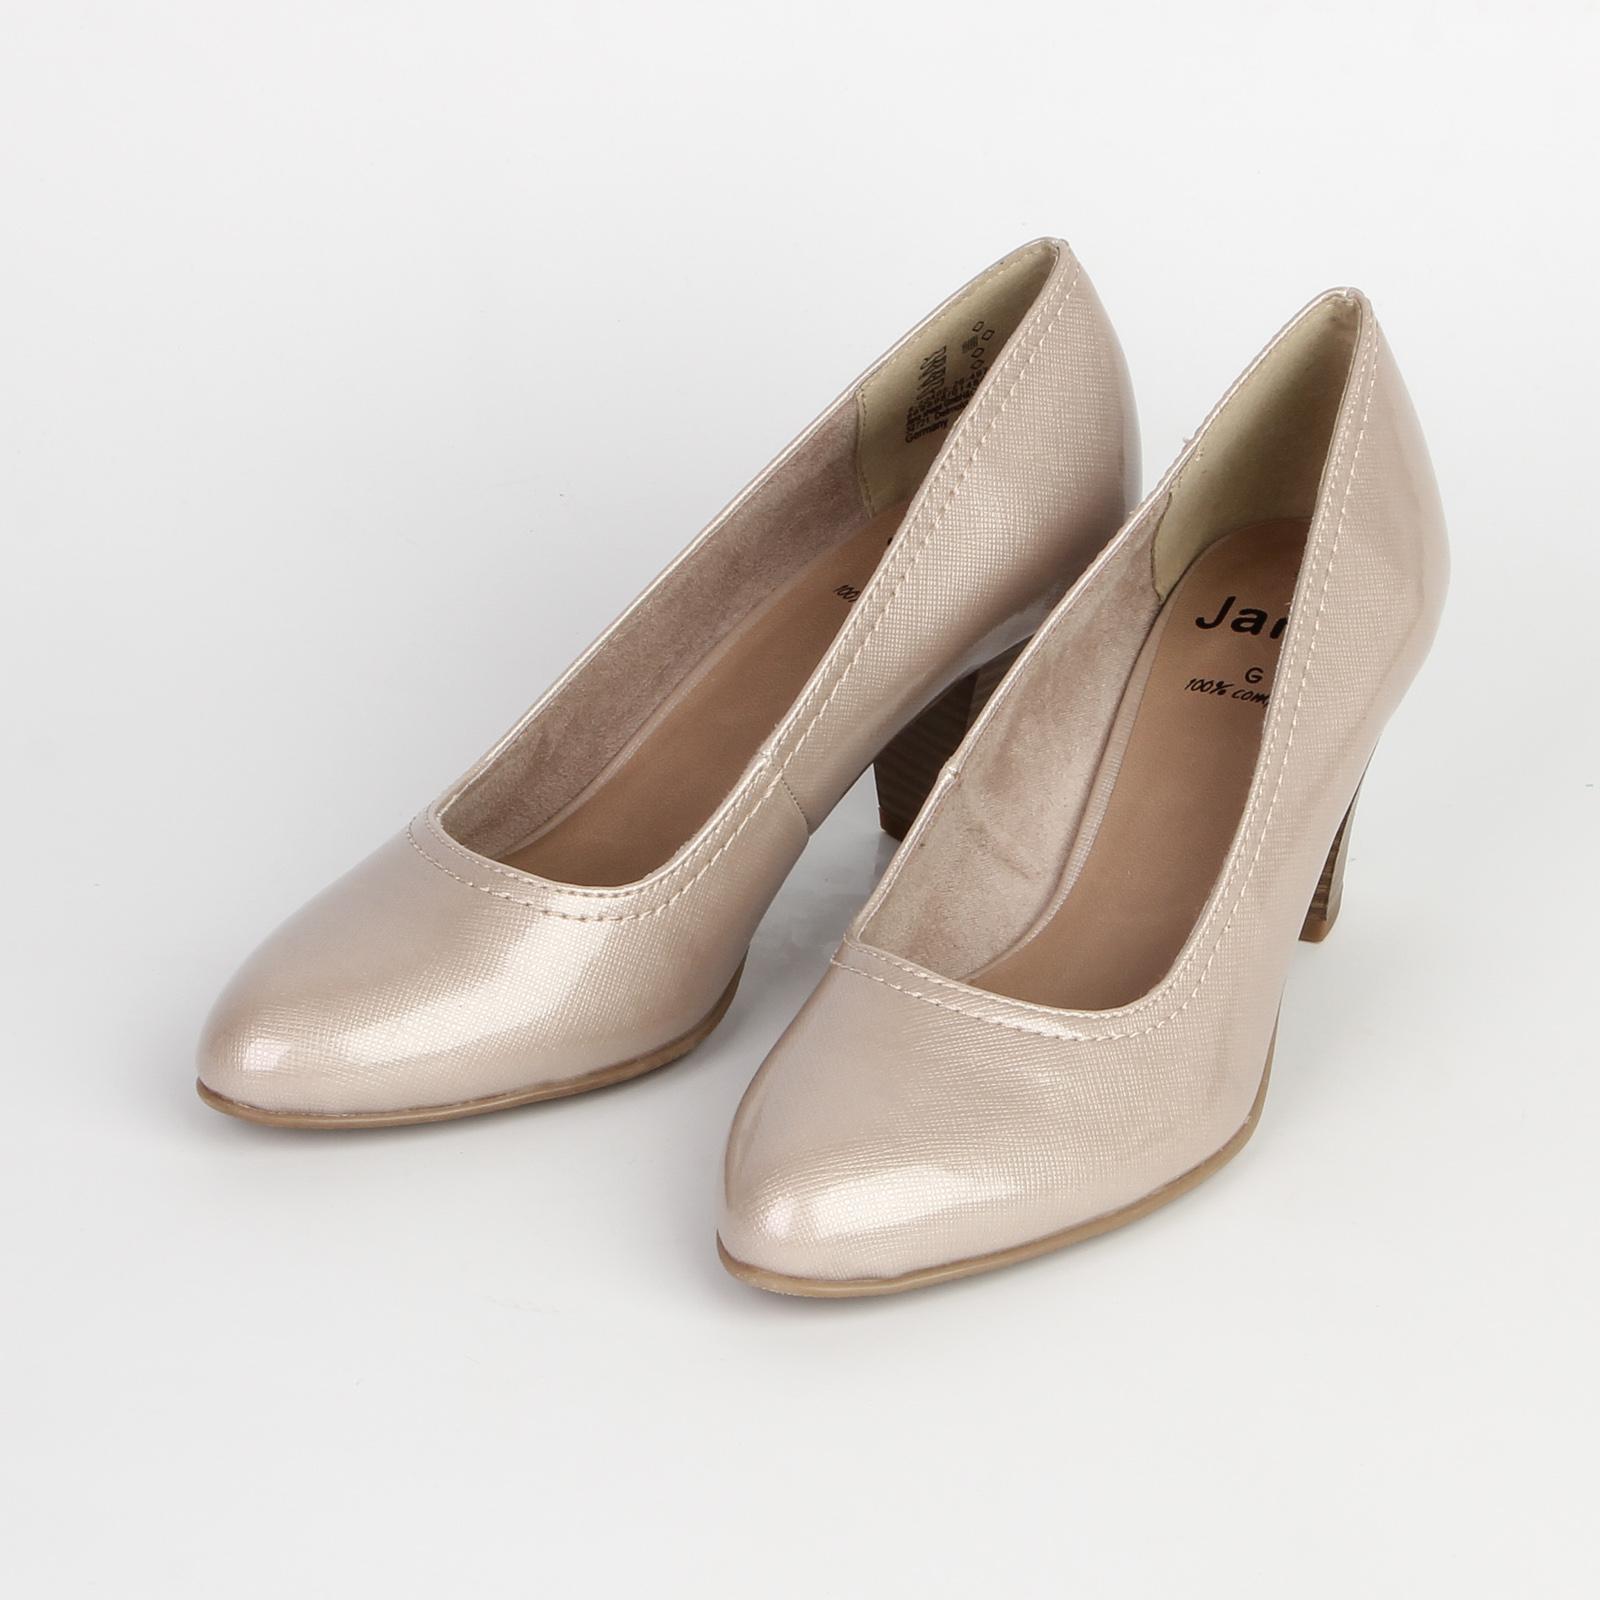 Туфли женские перламутровые на устойчивом каблуке